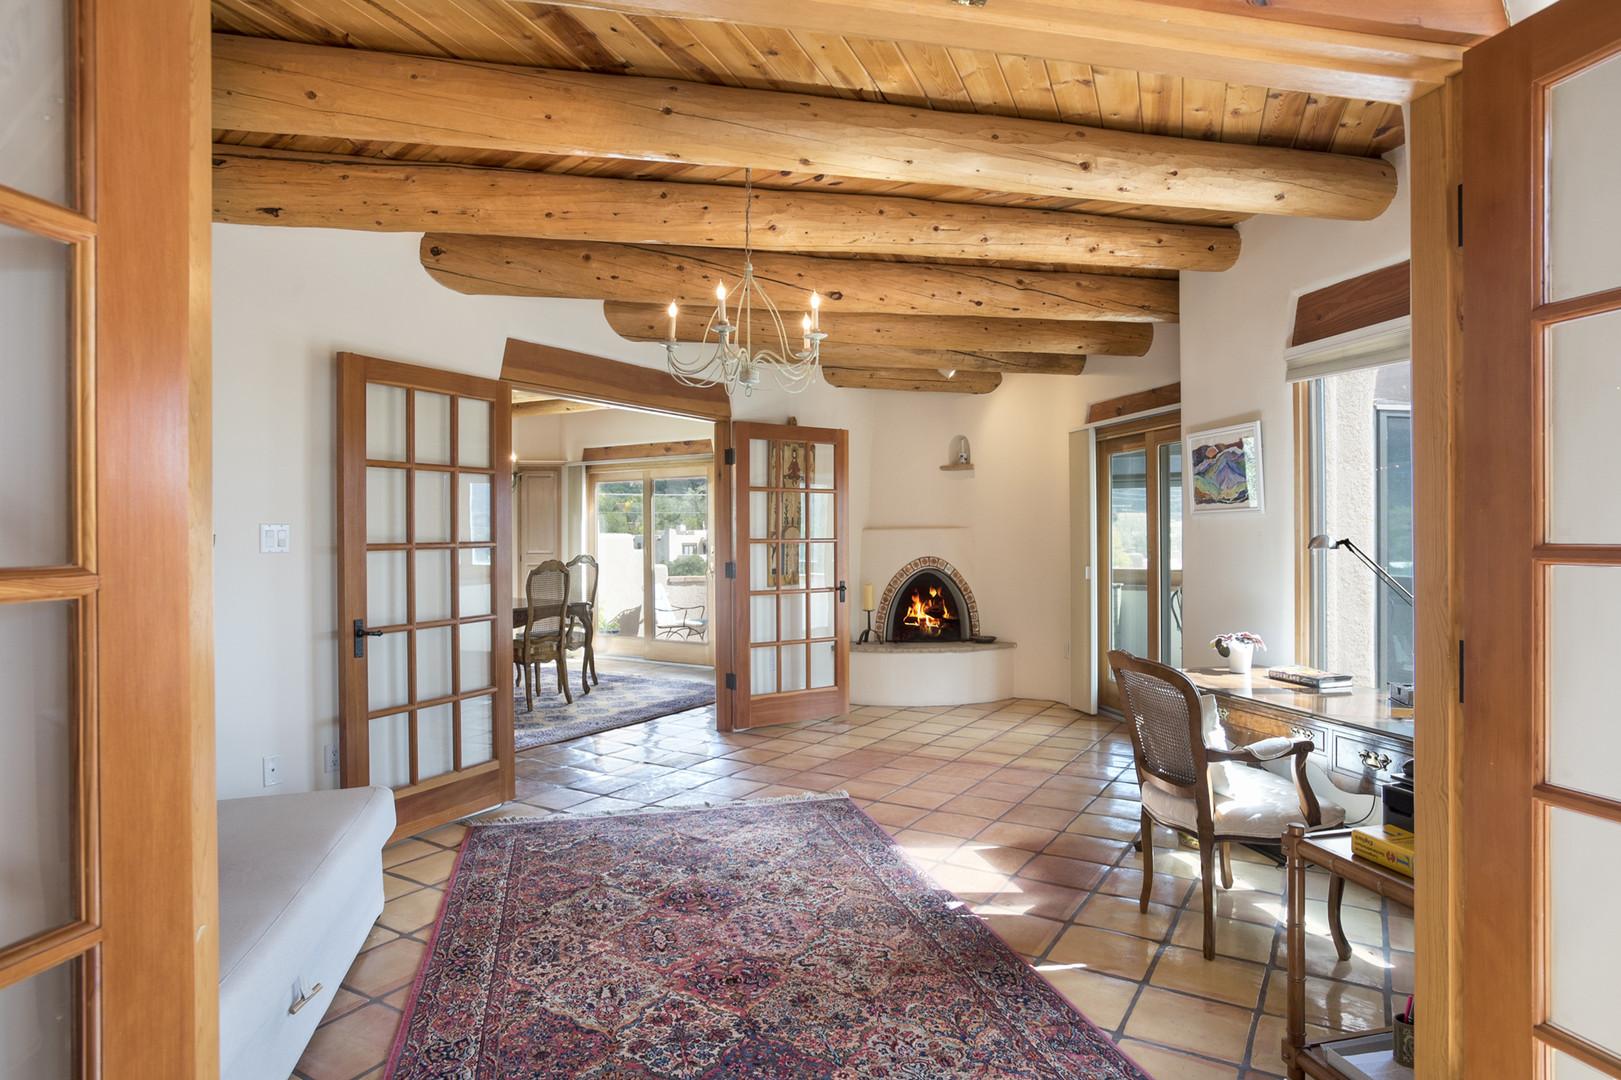 Monte Alto | Den With Kiva Fireplace